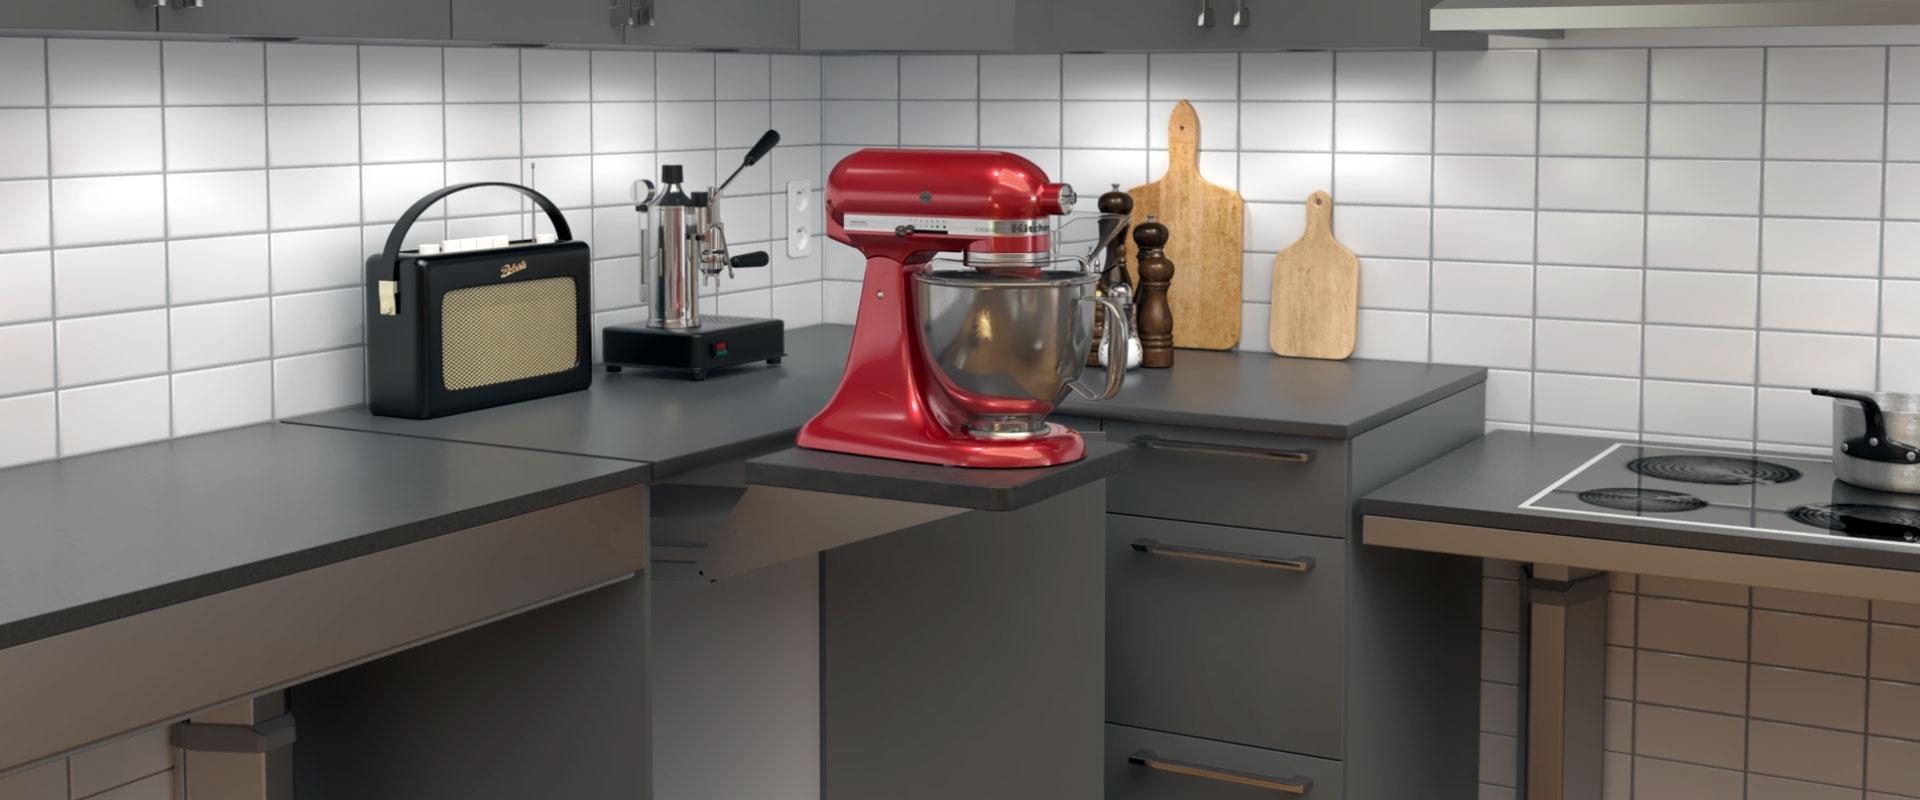 Lyftsystem till köksmaskiner